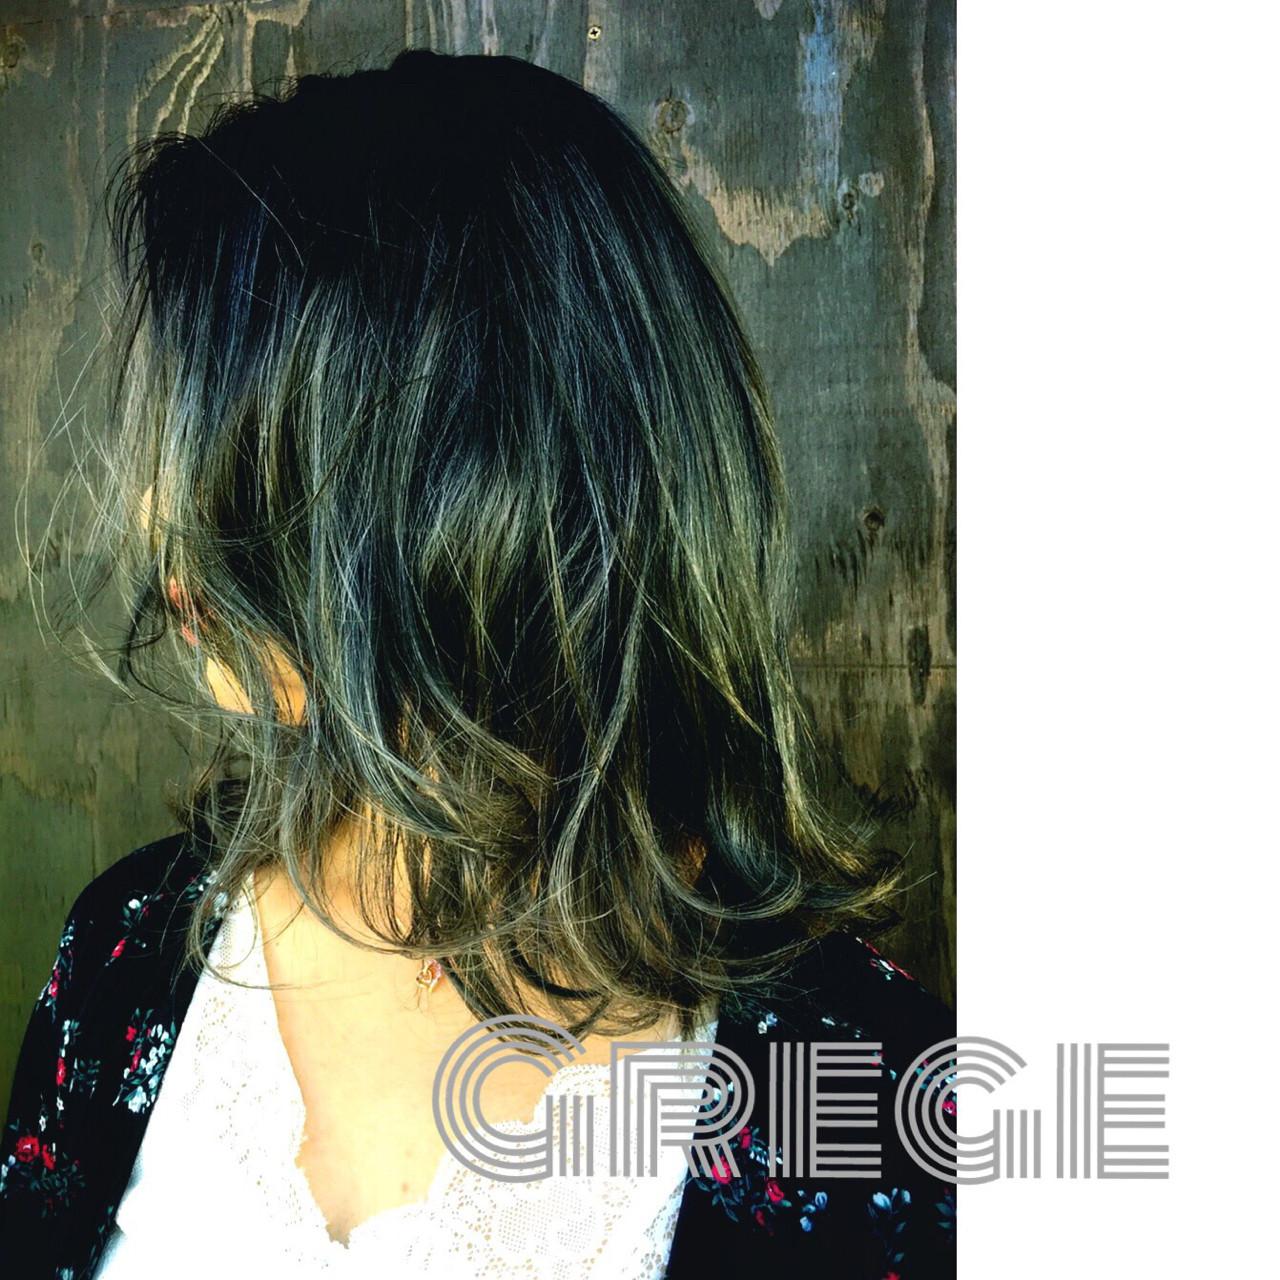 セミロング ストレート 透明感 秋 ヘアスタイルや髪型の写真・画像